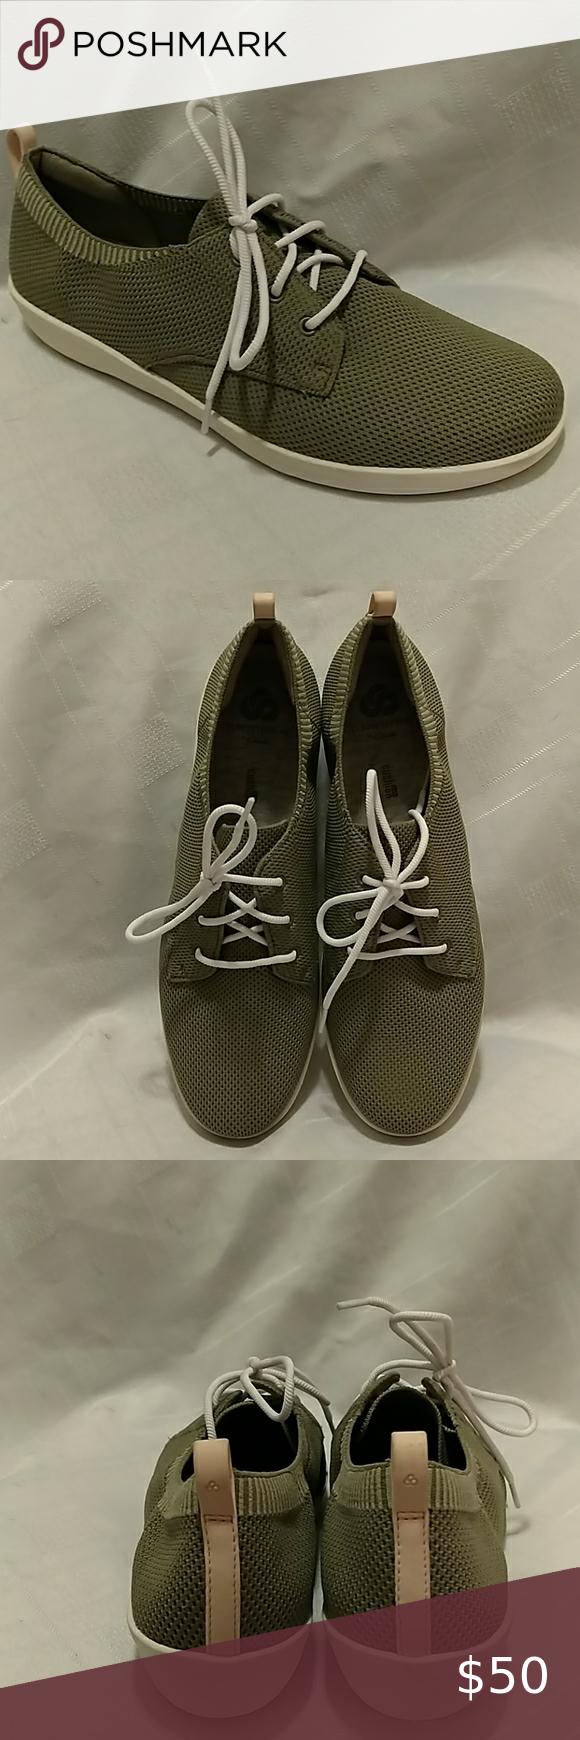 Clarks Ayla Reece Olive Knit sneaker 9